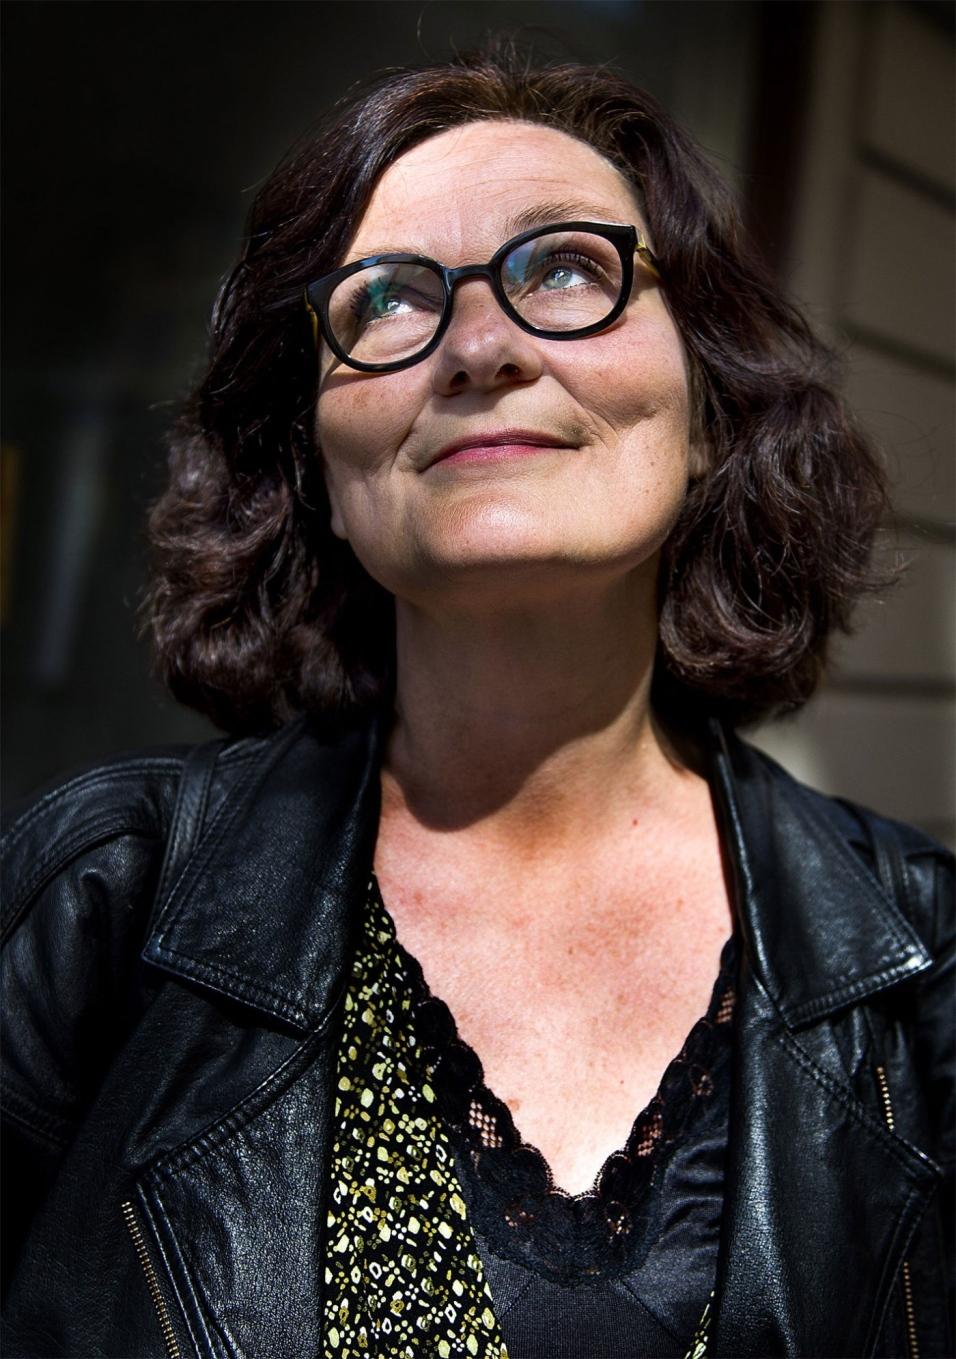 Giganten lotass tar plats i svenska akademien